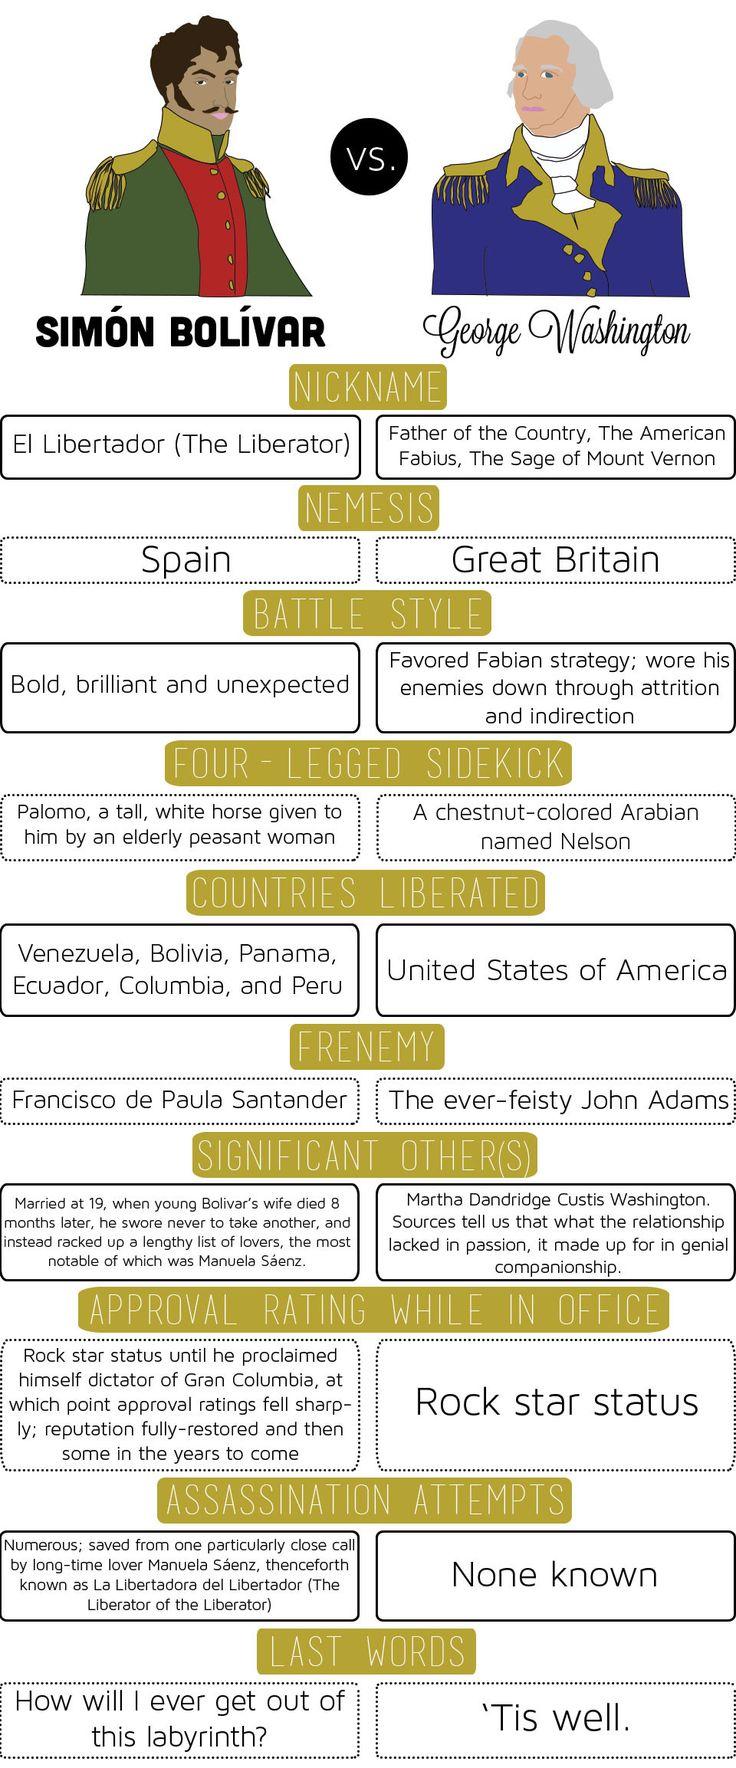 """Simón Bolívar fue el líder de Colombia. Este pin fue acerca de las similitudes entre George Washington y Simón Bolívar. Más tarde, Colombia obtuvo su nombre """"La Gran Colombia"""". Después, en 1831 el país dividido en lugares hoy en día."""